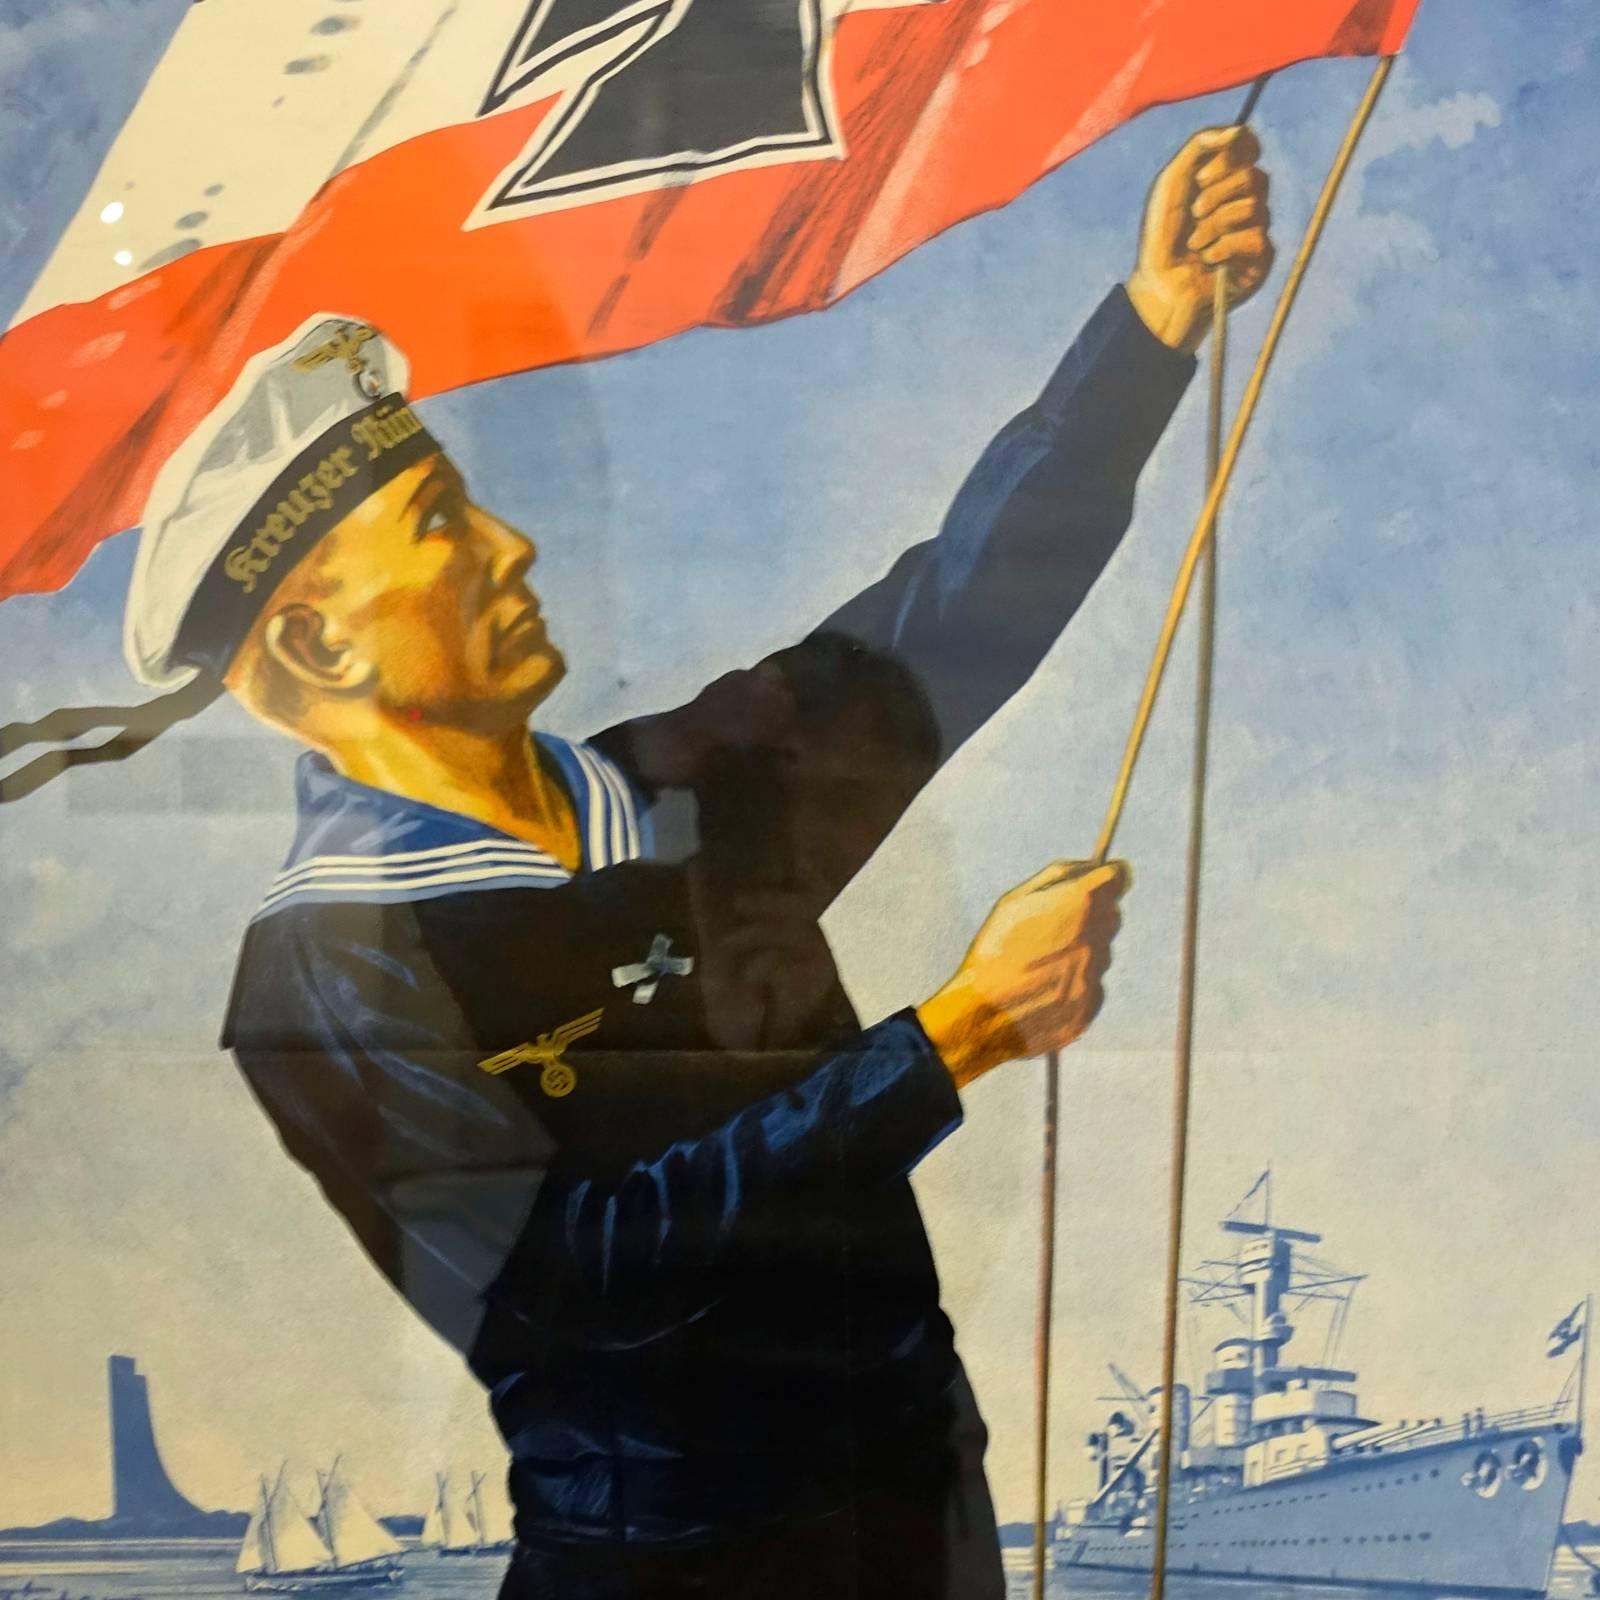 Museum - et program om norsk historie